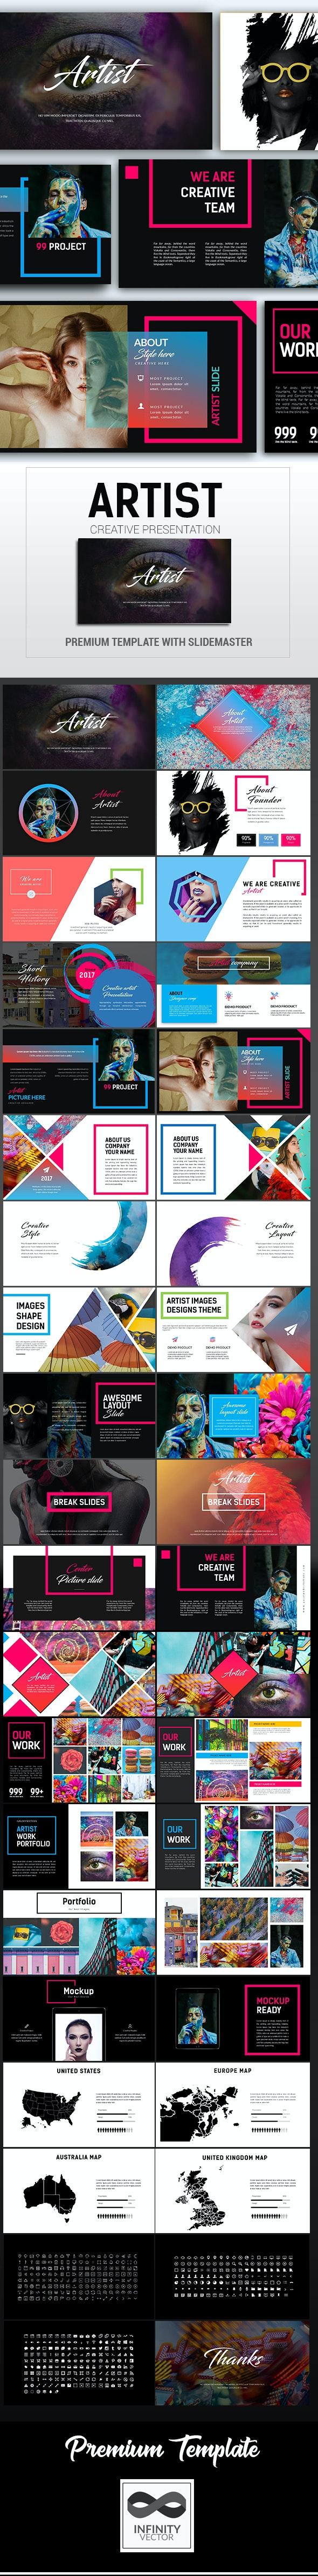 Artist Creative Presentation - PowerPoint Templates Presentation Templates